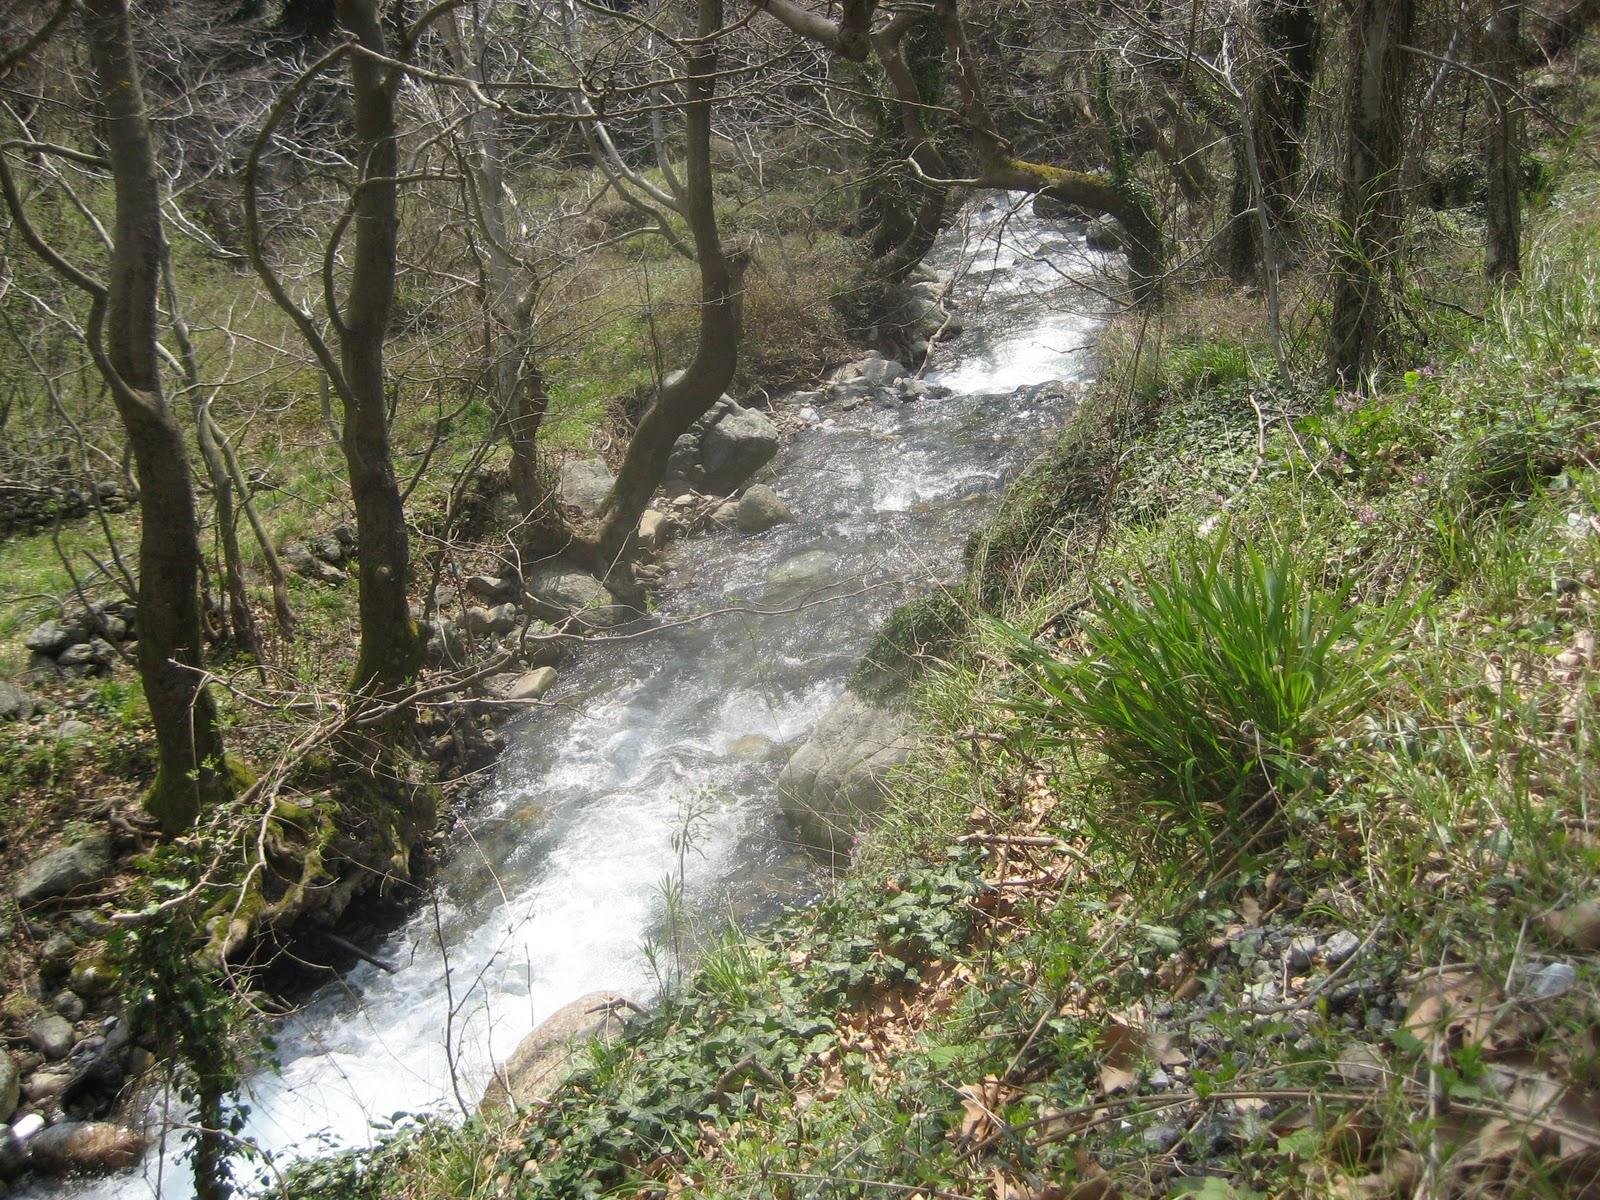 Από το ποτάμι που είναι χάρμα οφθαλμών